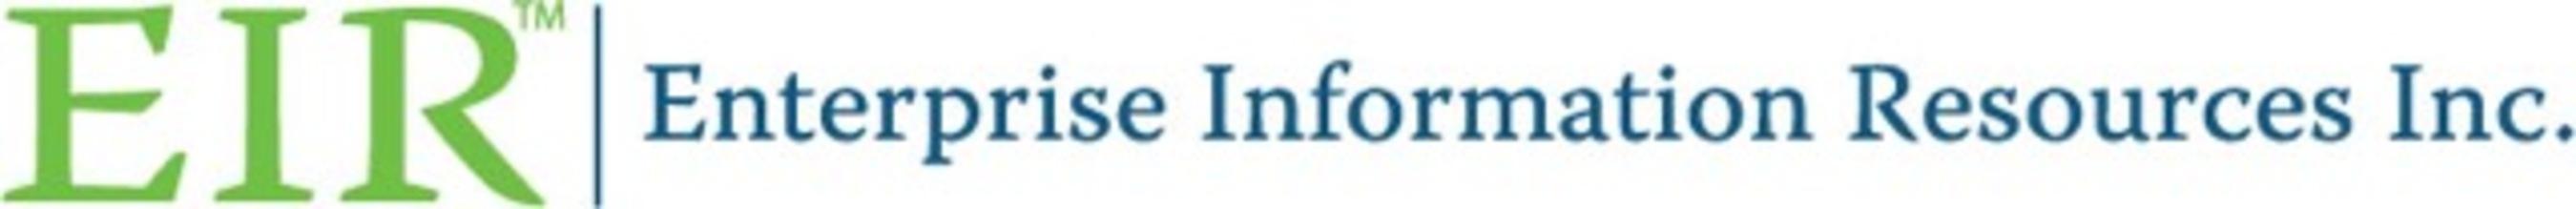 Enterprise Information Resources Inc. Sponsors and Presents at SuccessFactors' SuccessConnect -